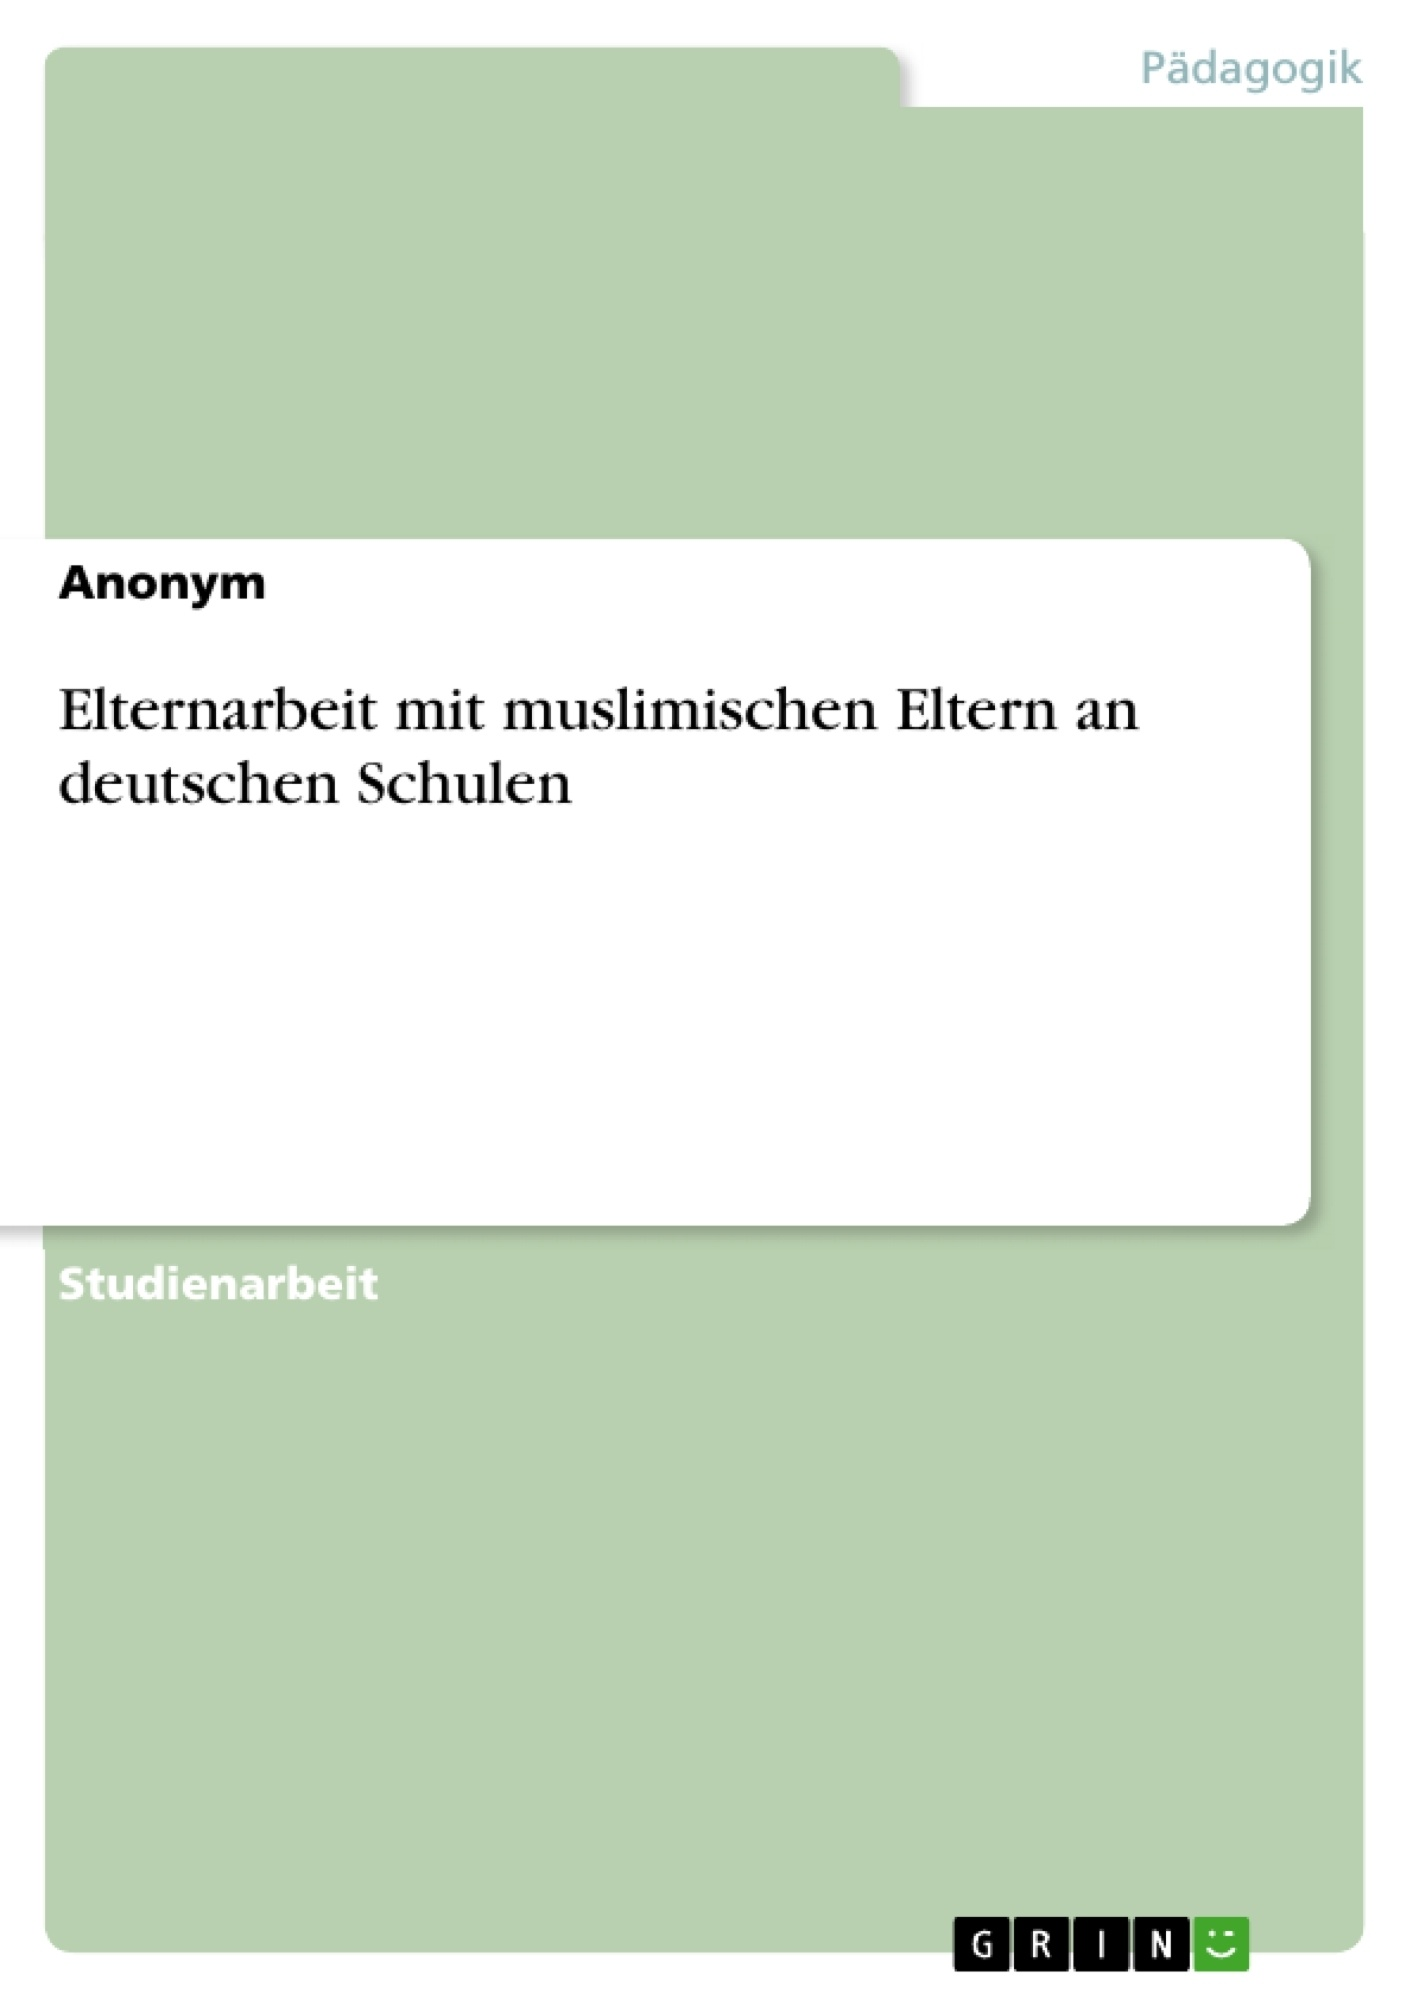 Titel: Elternarbeit mit muslimischen Eltern an deutschen Schulen